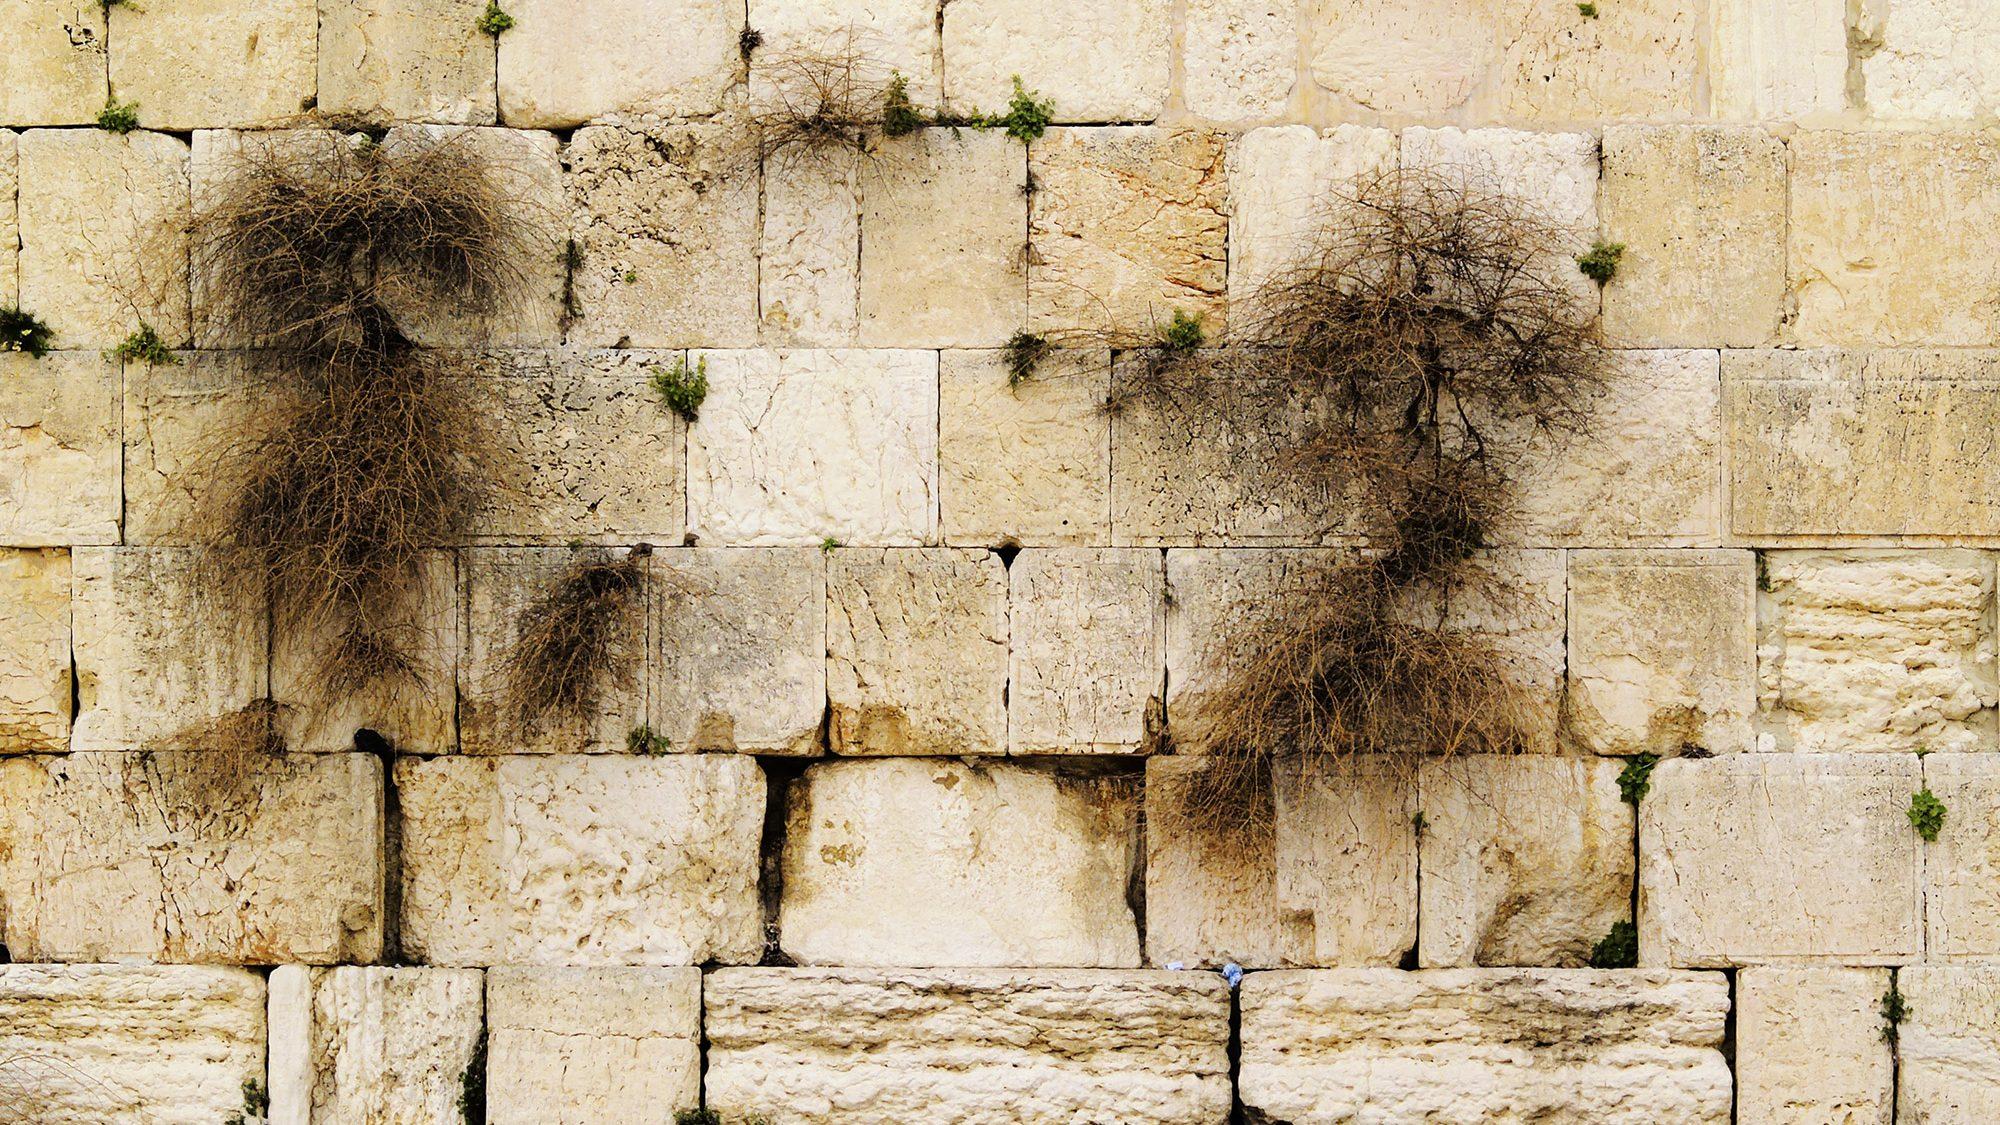 חינוך לאבלות על חורבן המקדש בדור של גאולה – הרב אלישע אבינר